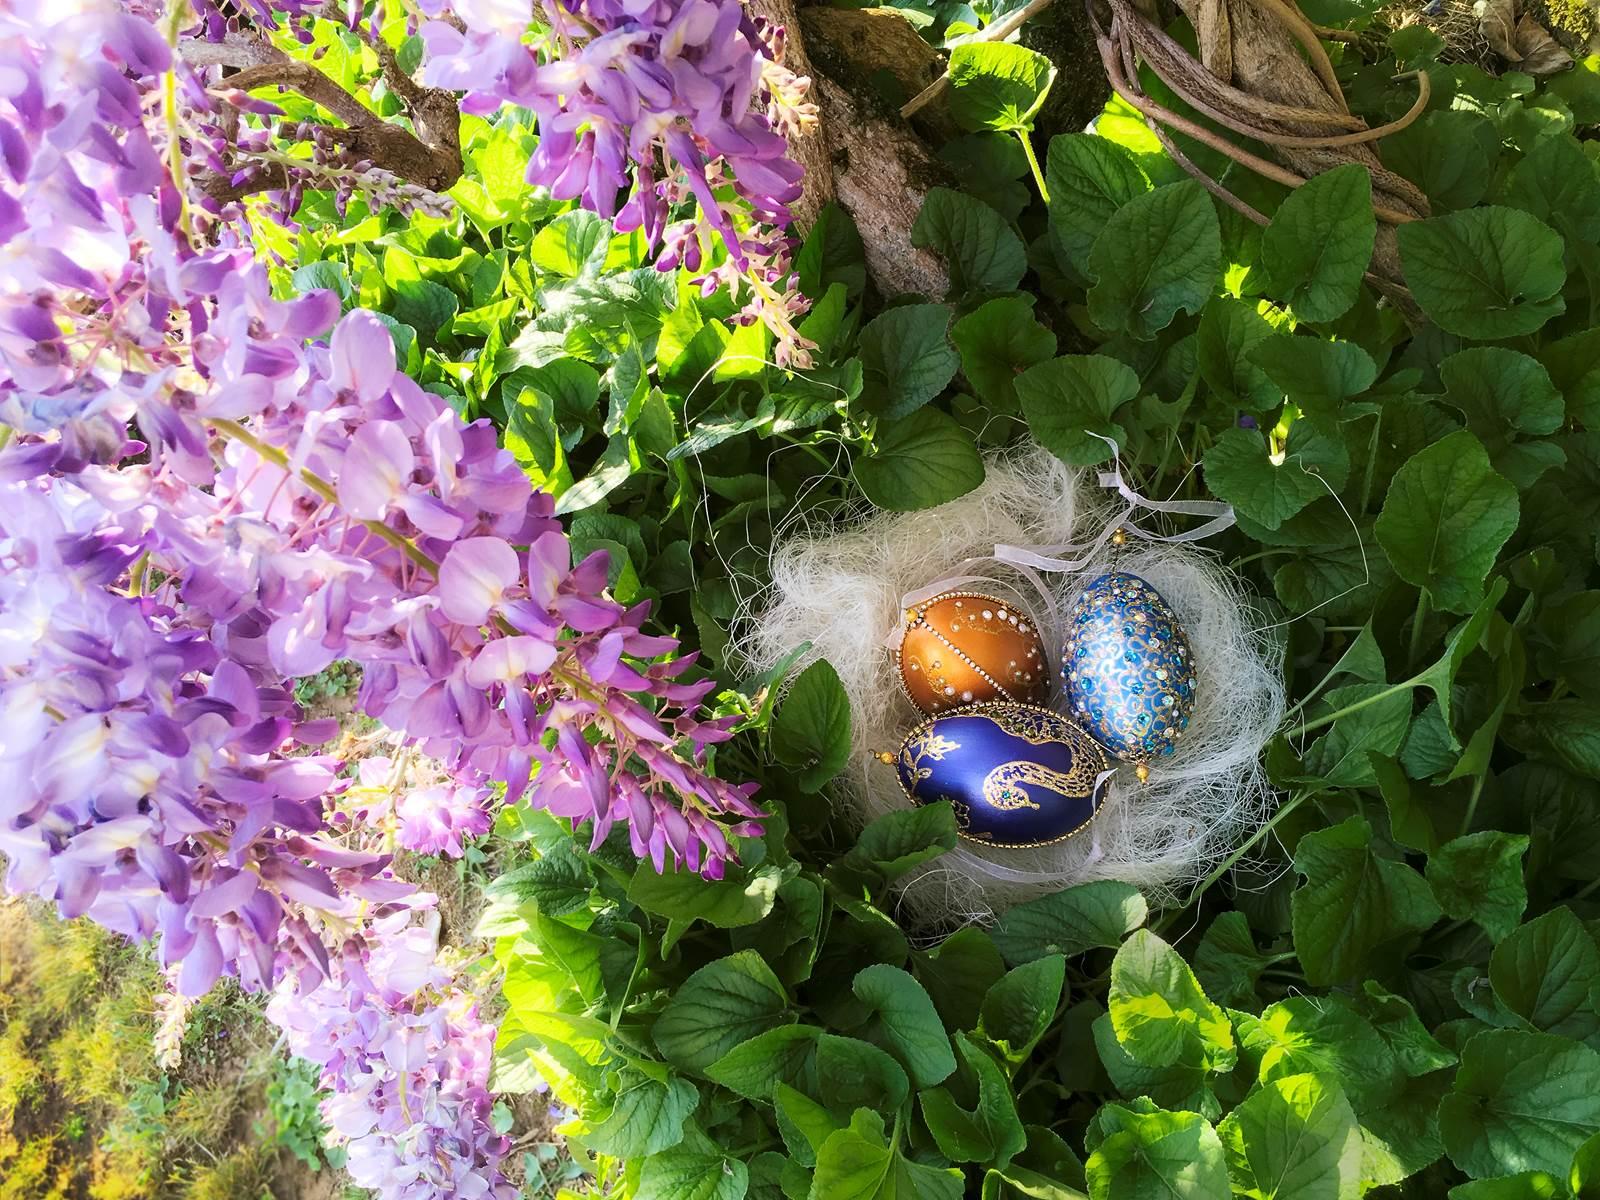 Chasse aux œufs de Pâques merveilleuse garantie